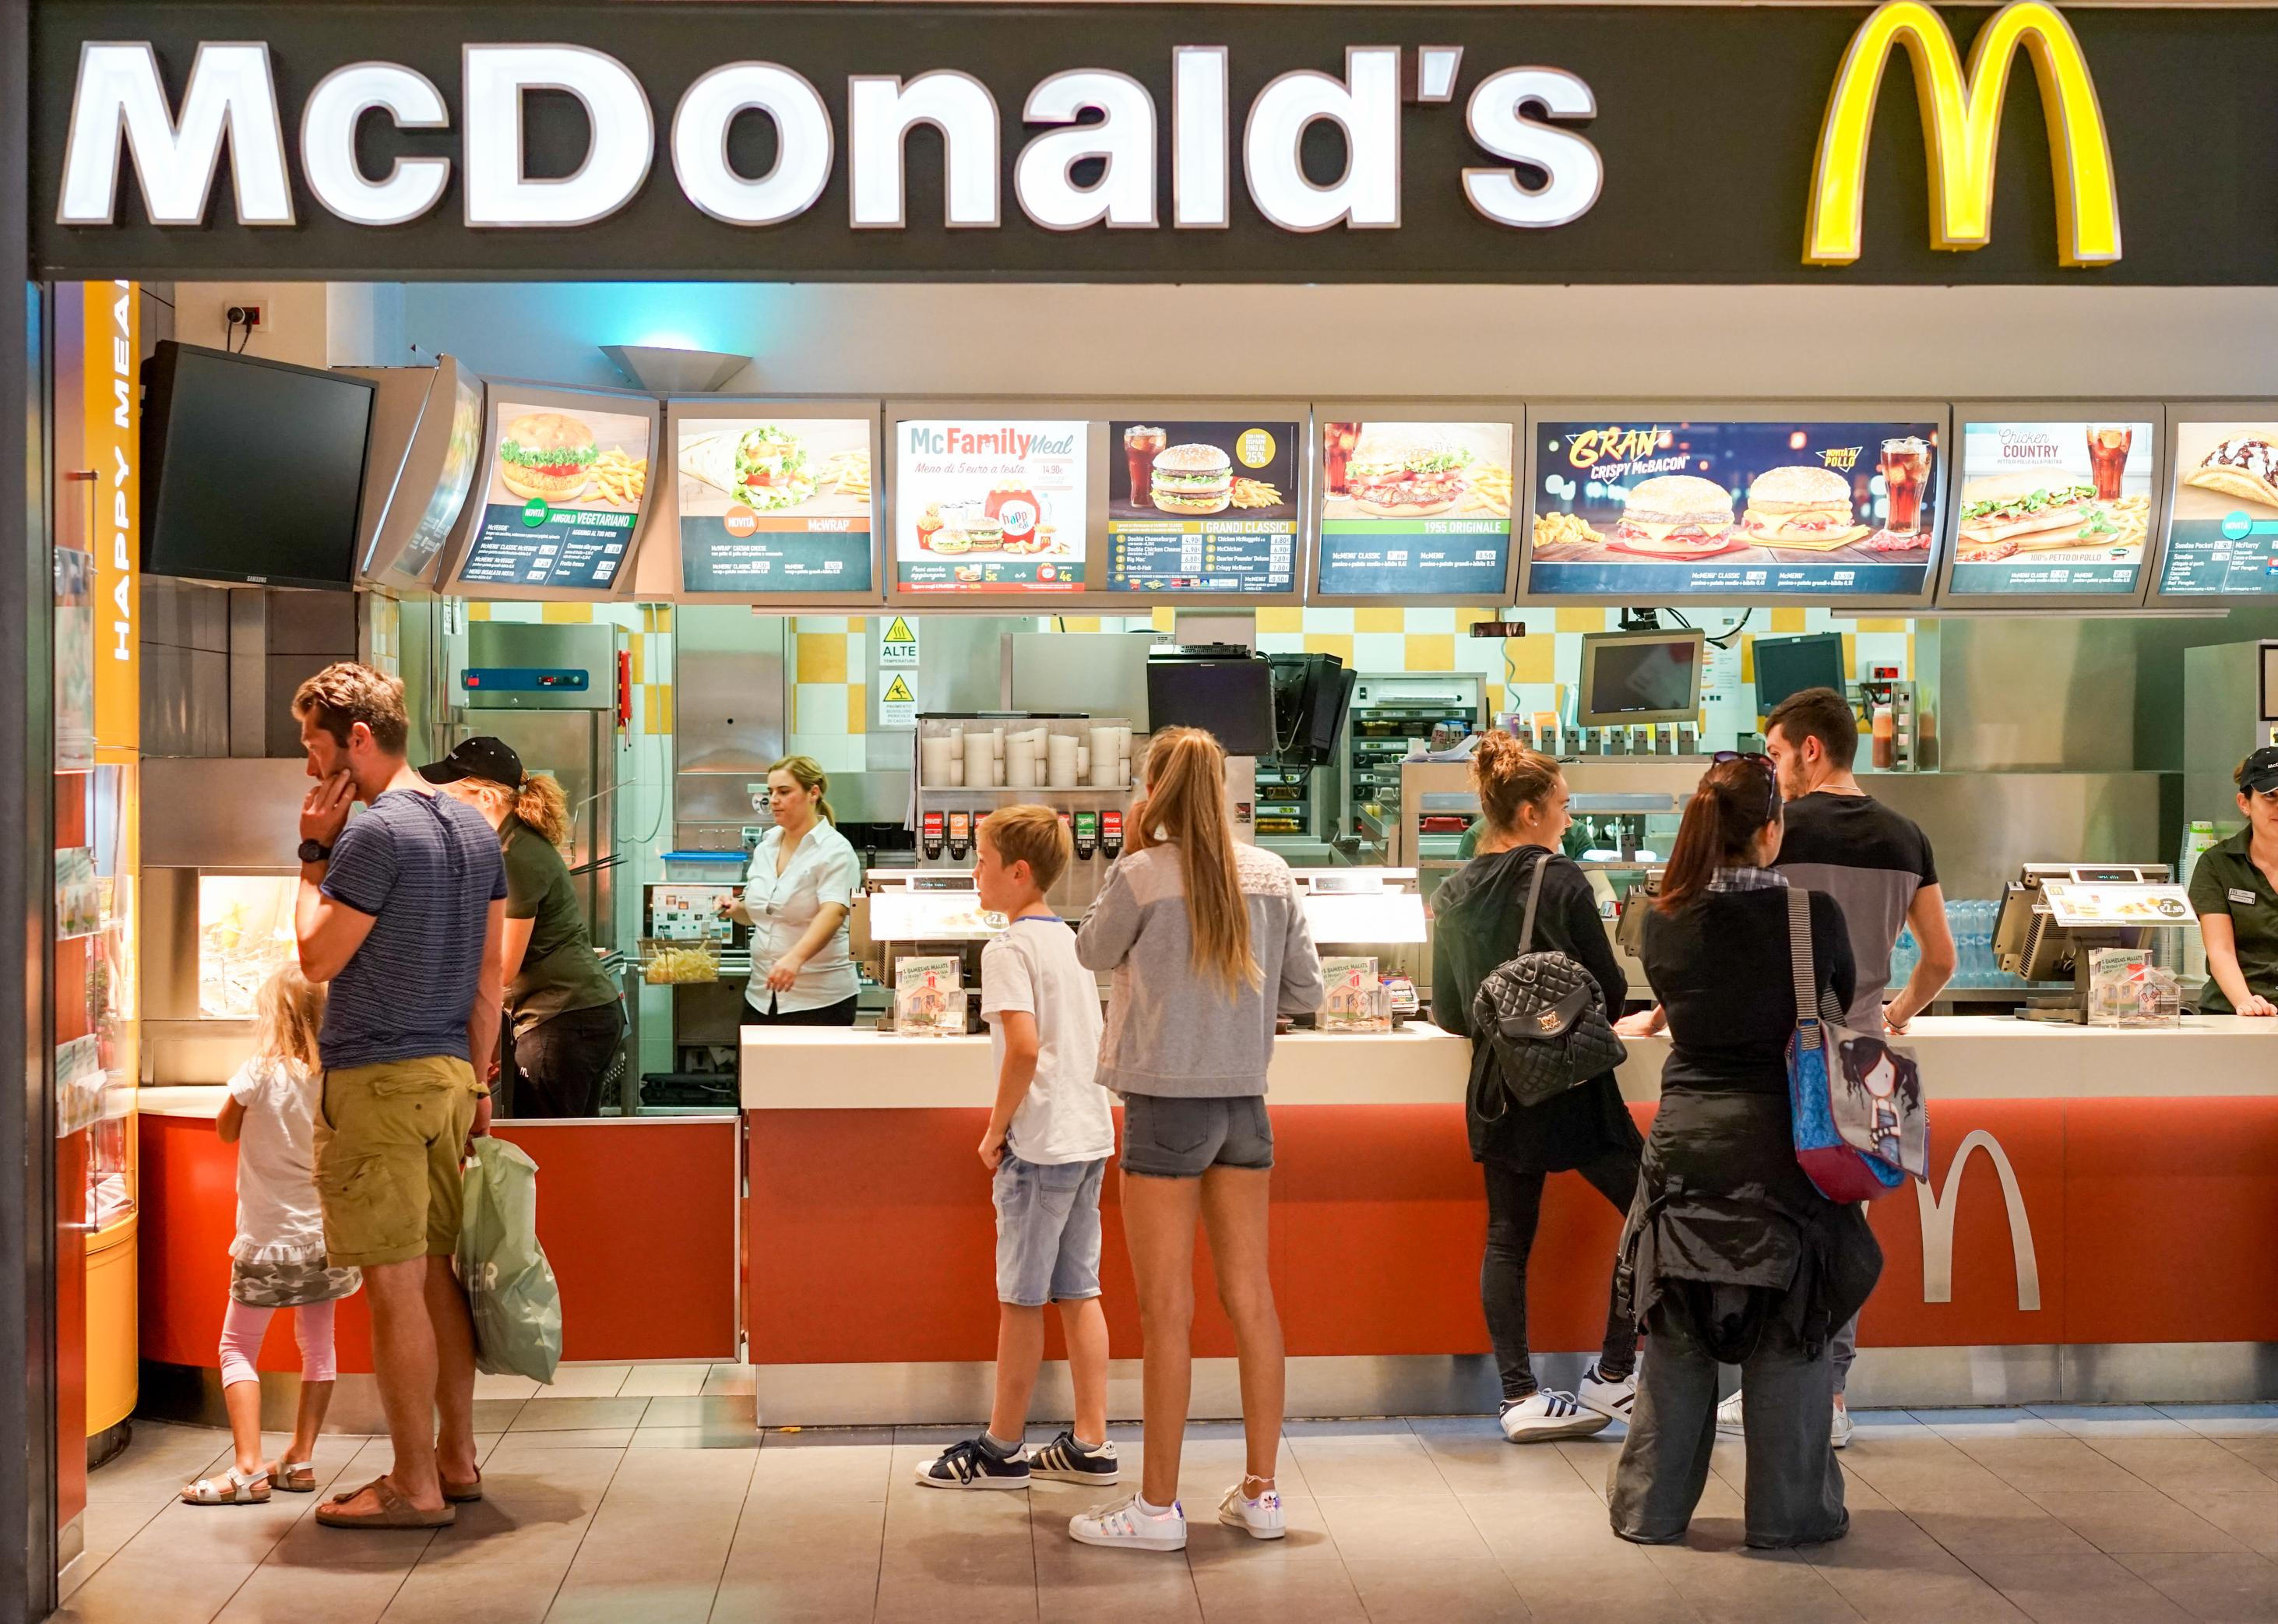 Nhân viên McDonald's sẽ gọi cảnh sát nếu khách hàng không đeo khẩu trang - Ảnh 1.